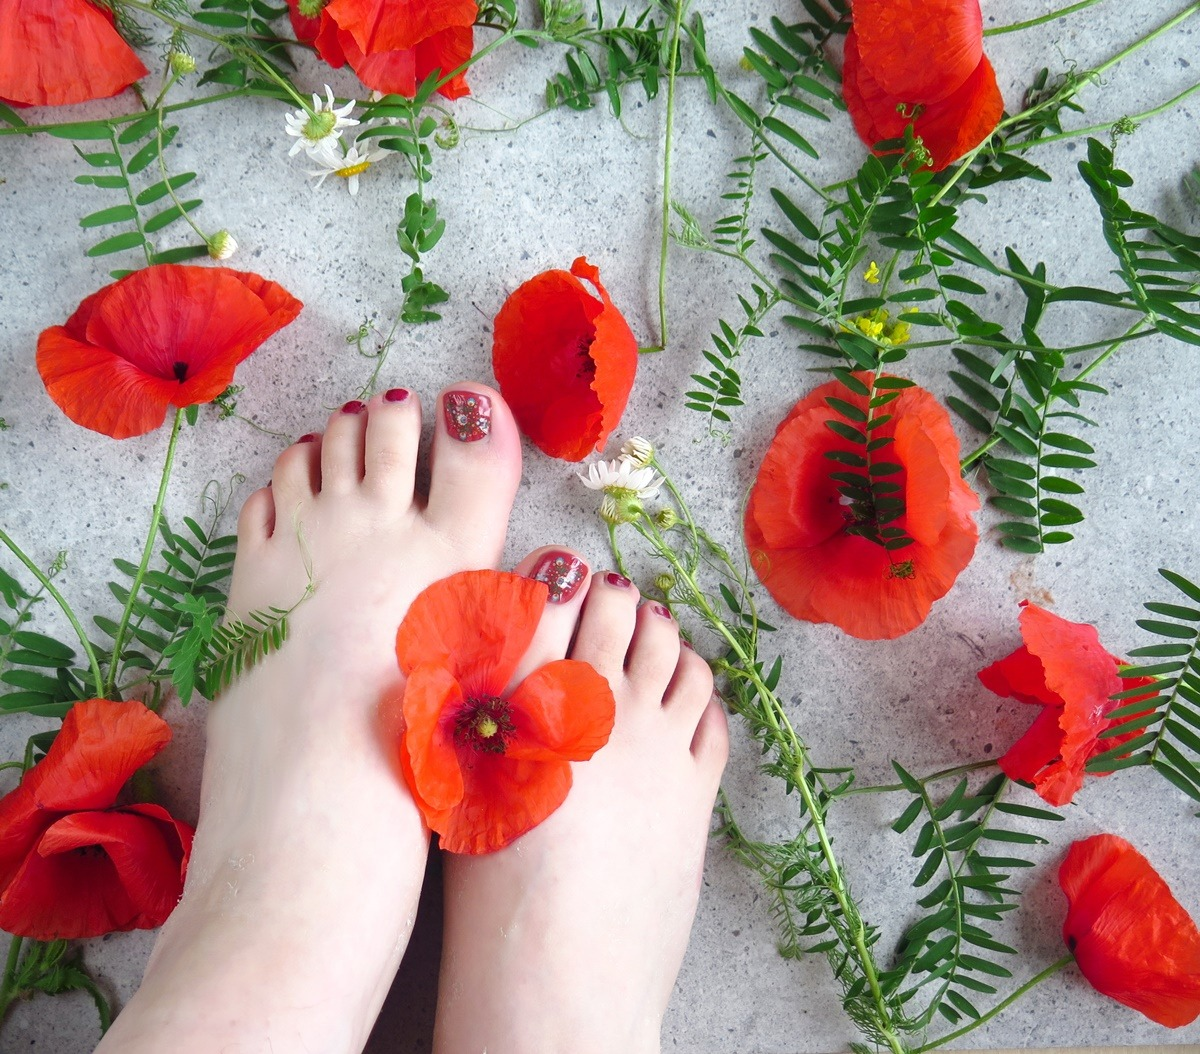 pedicure czerwone paznokcie stopy manirouge maki